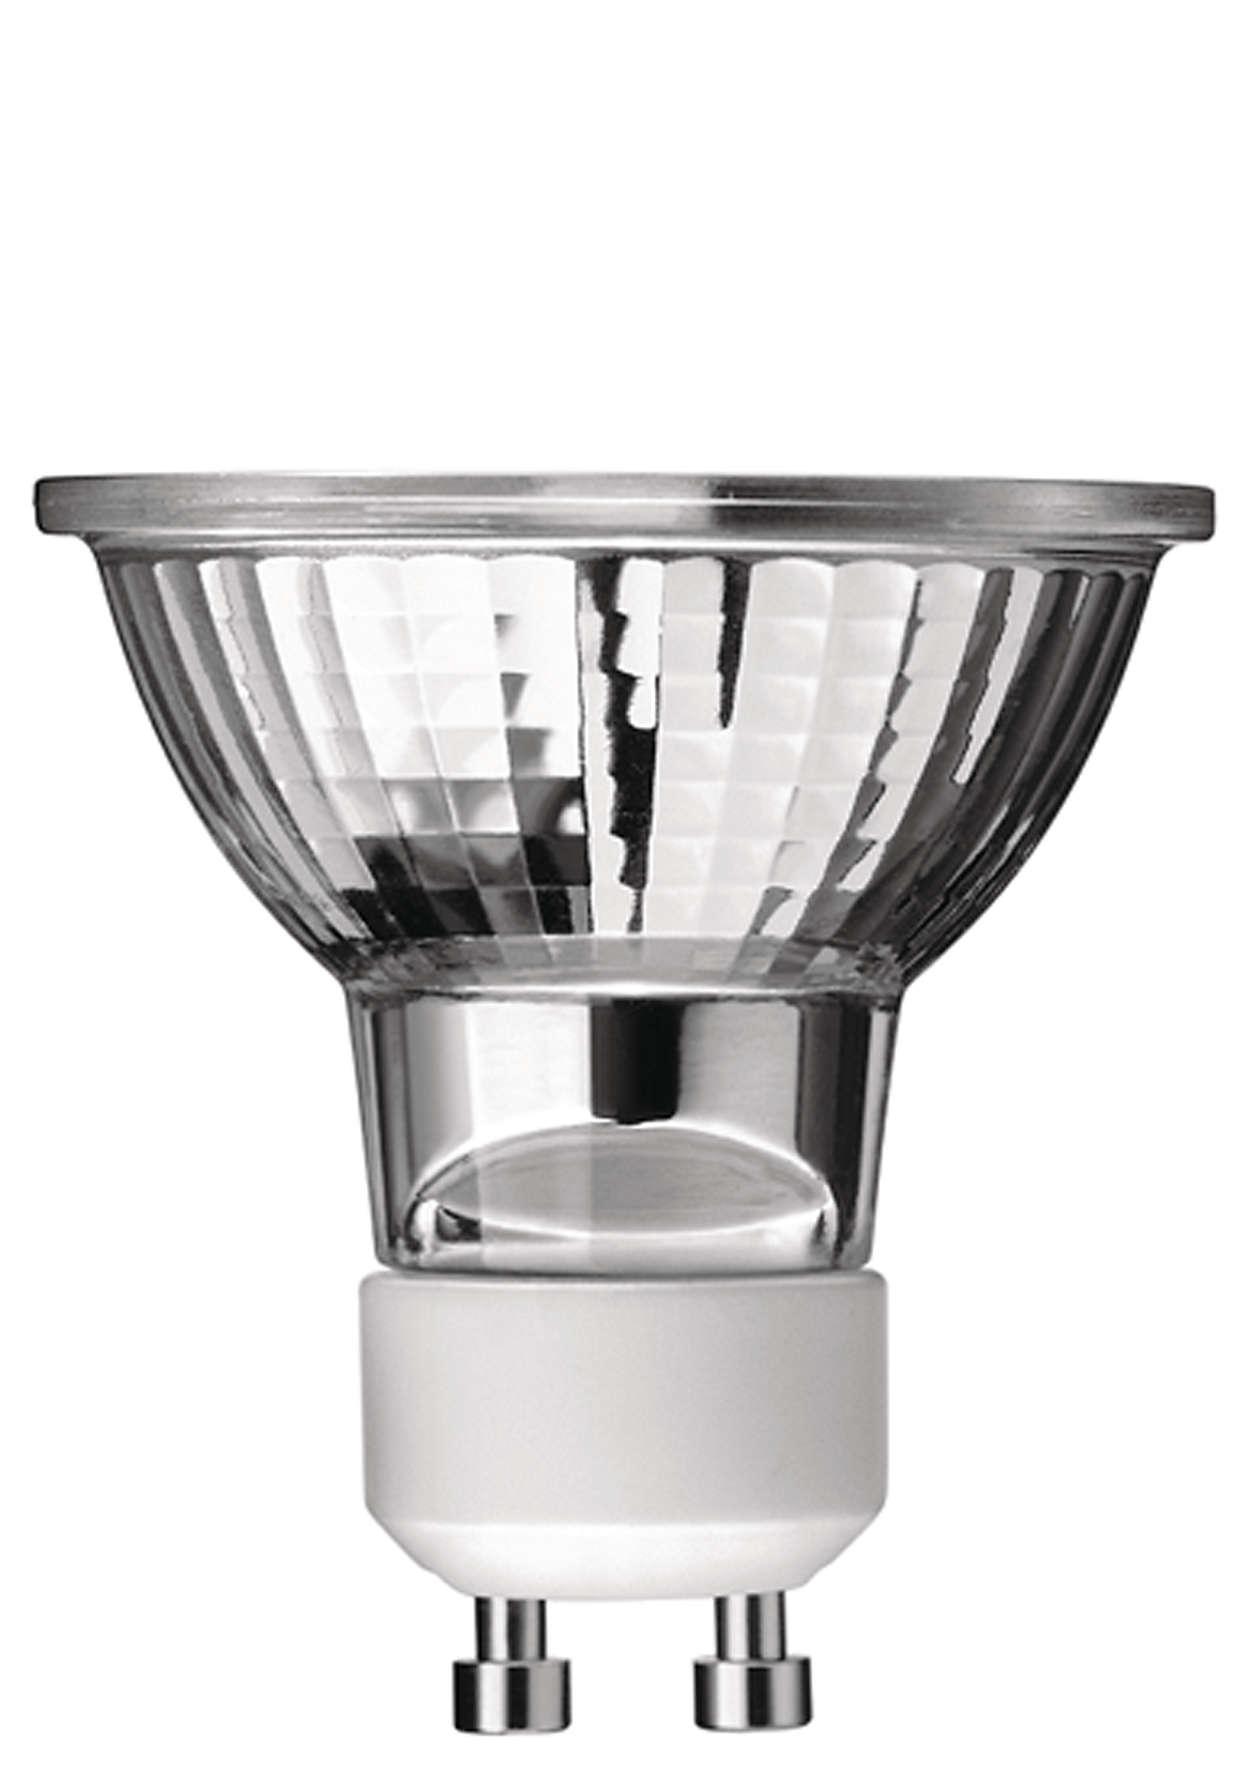 Стандартная галогенная лампа для акцентного освещения